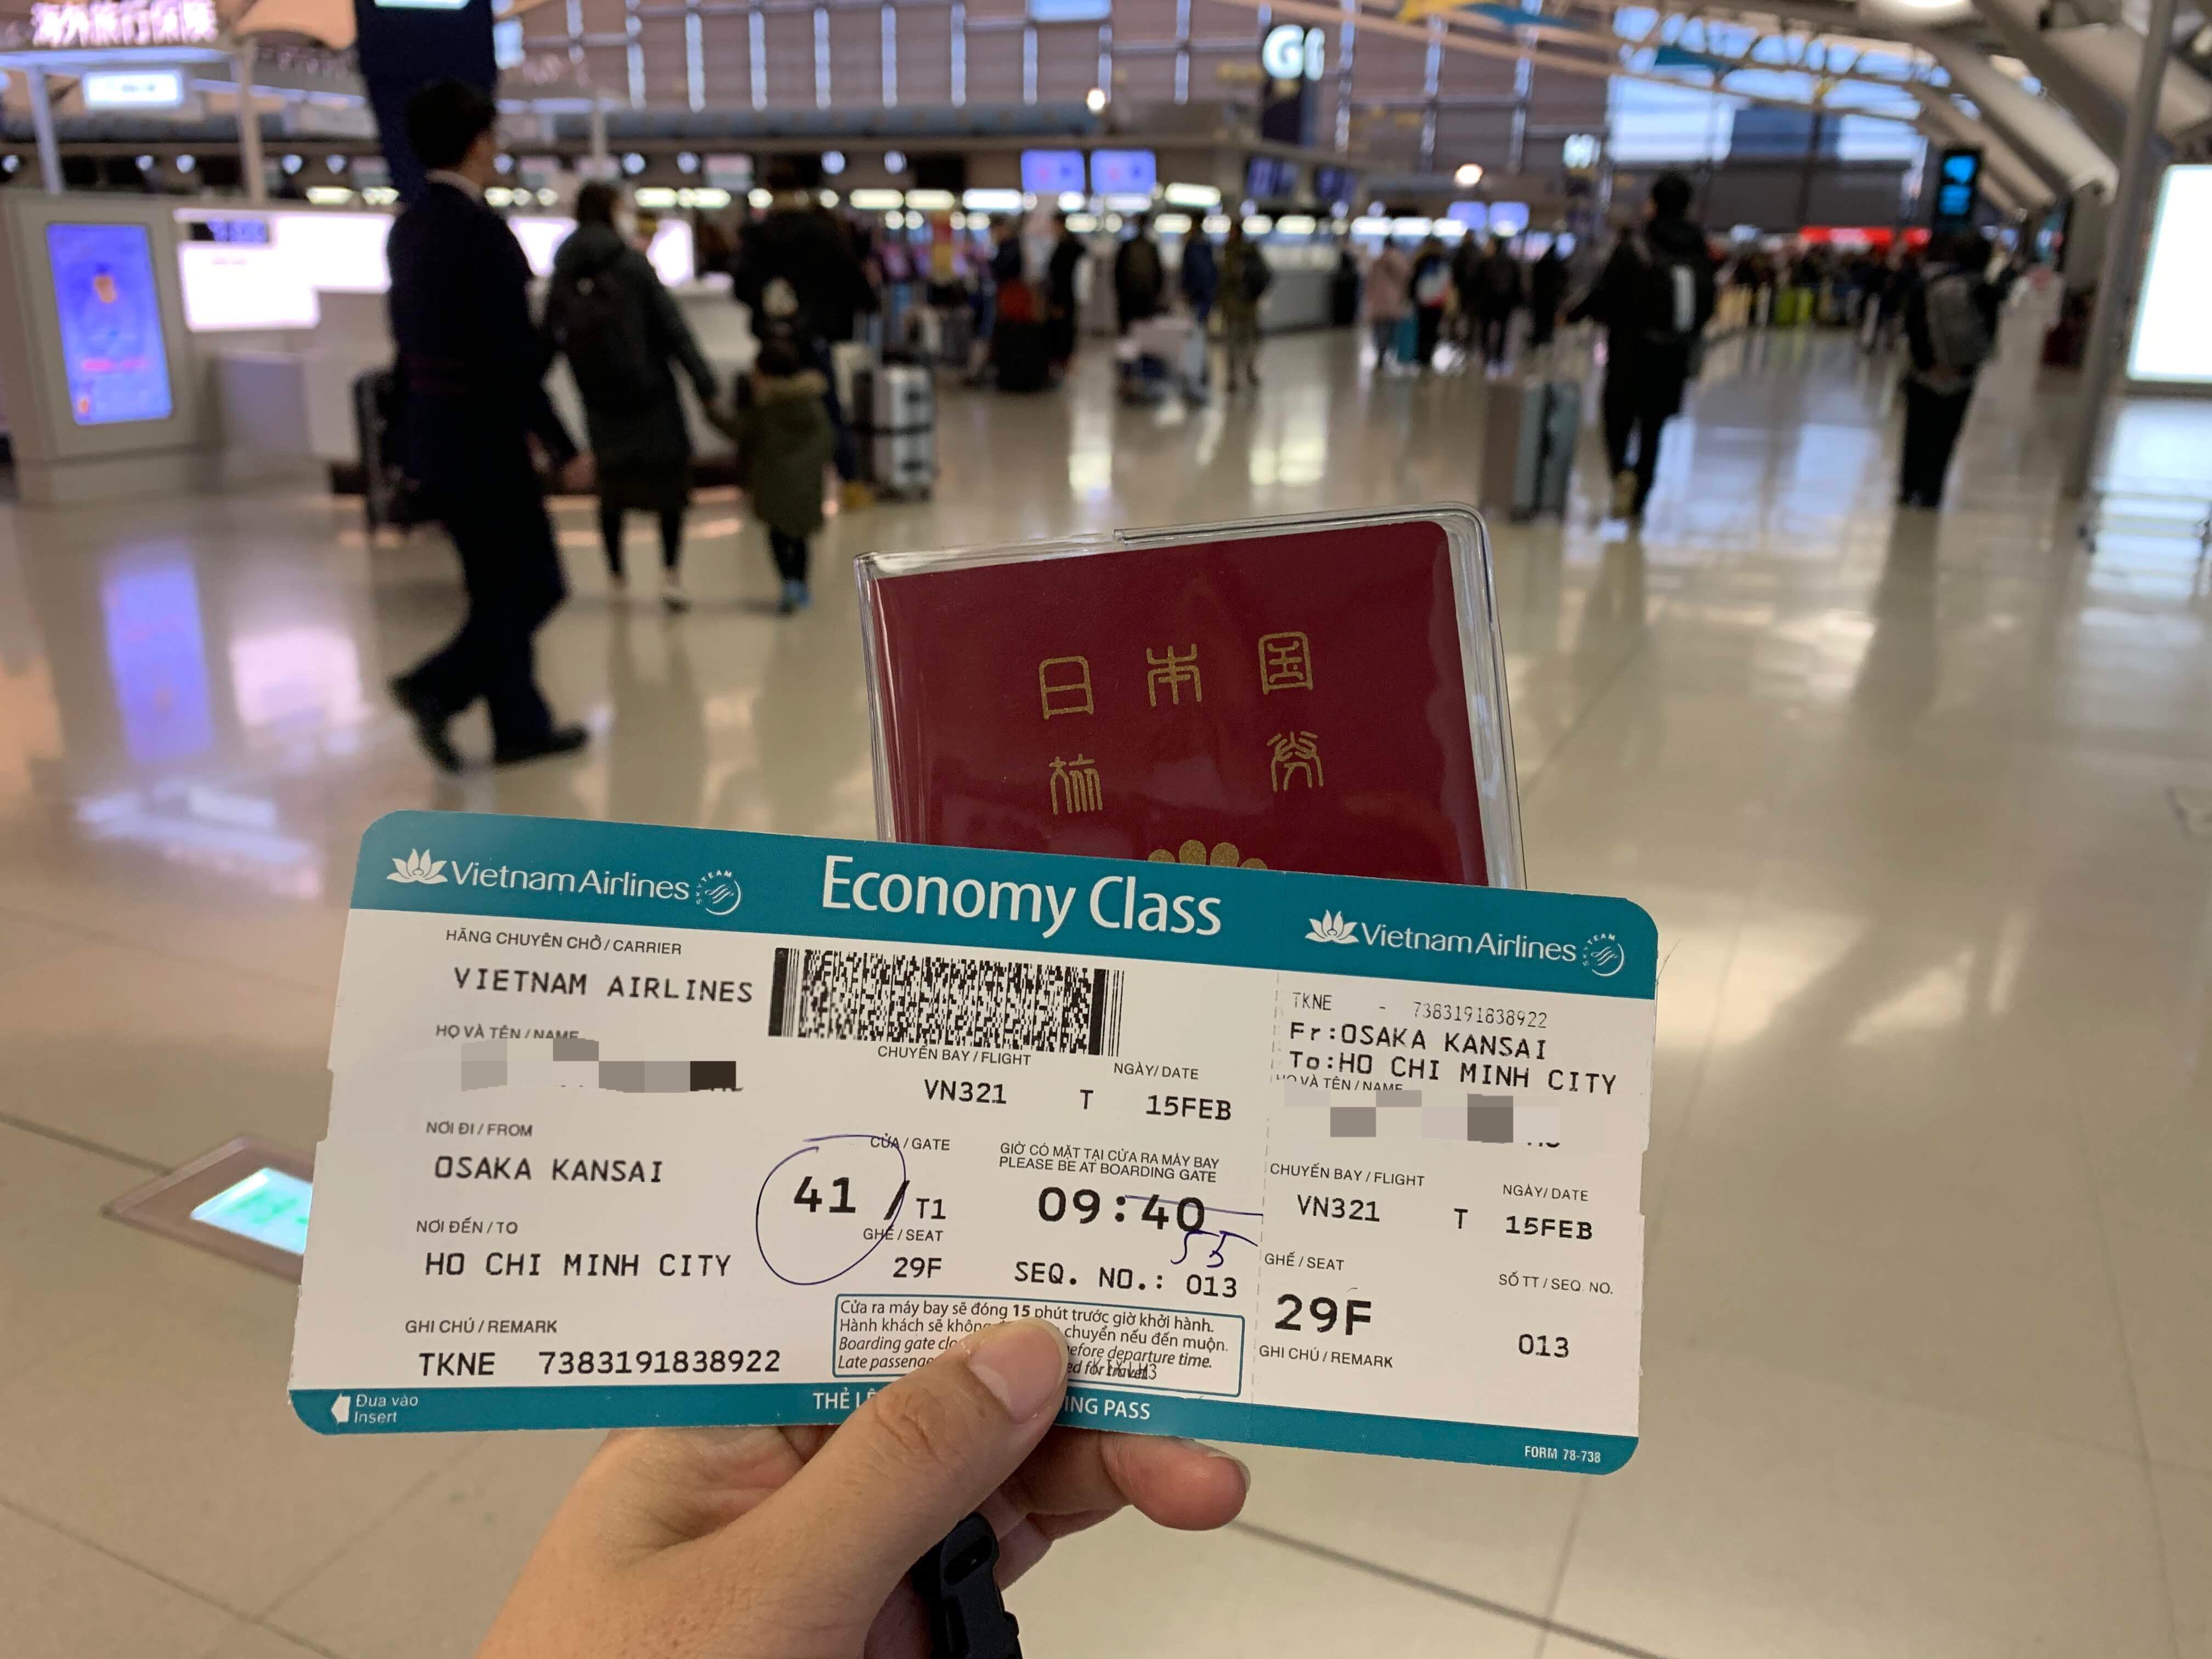 ベトナム一人旅【番外編①】旅の準備振り返り(パスポート、航空券、お金、保険)